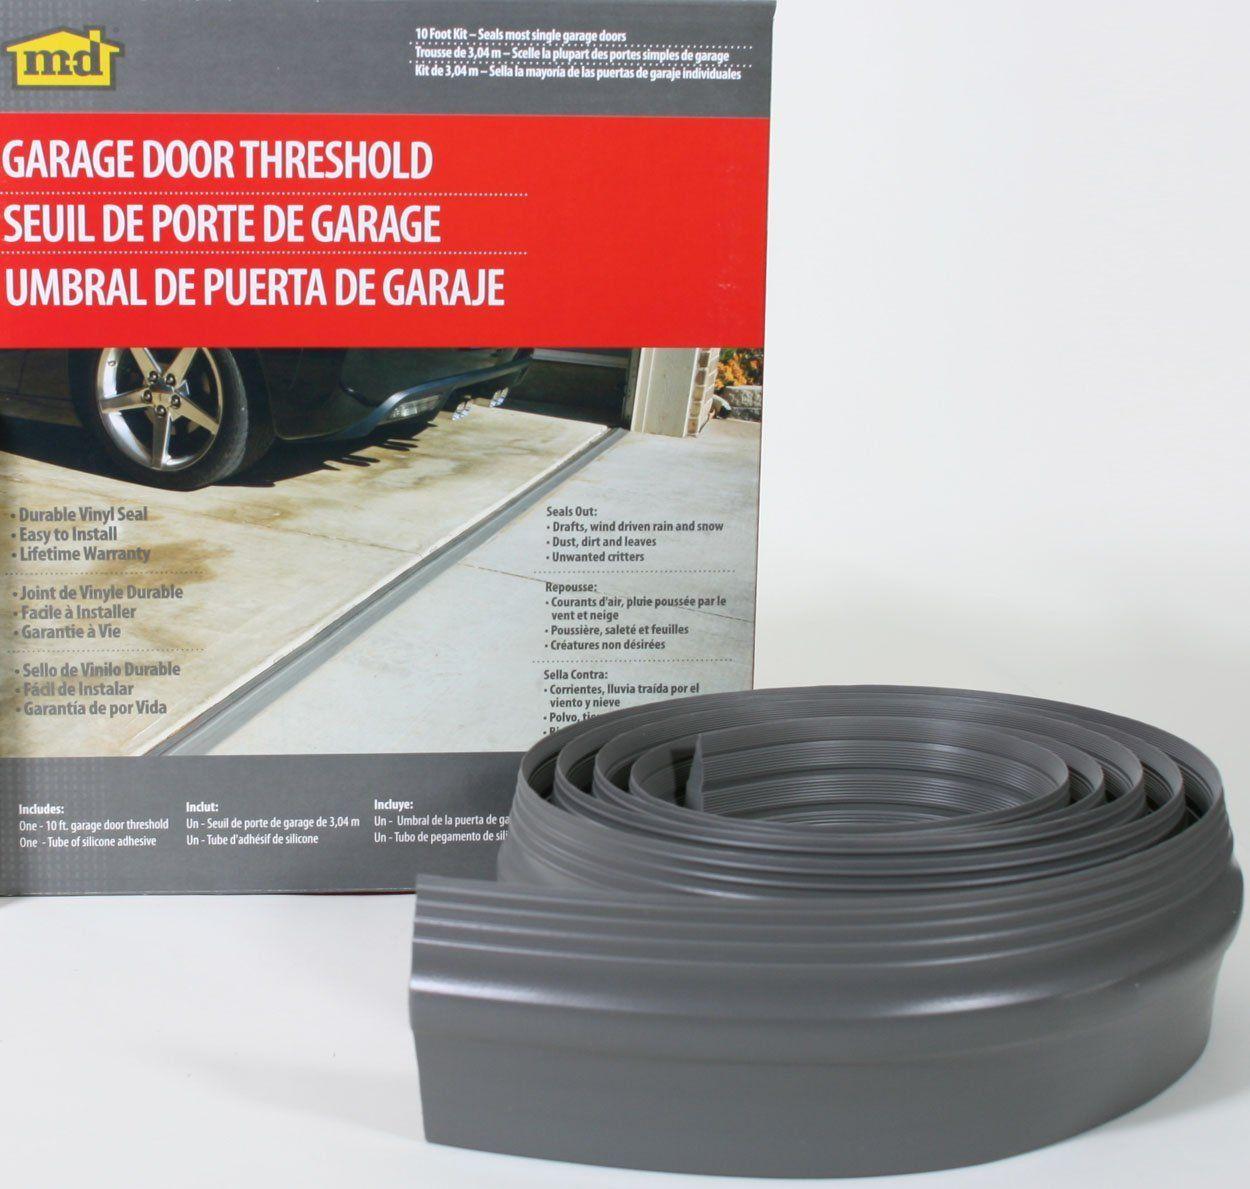 M D Building Products 50100 10 Feet Single Door Garage Door Threshold Kit Garage Door Seal Amazon Com Garage Door Threshold Garage Doors Garage Door Seal